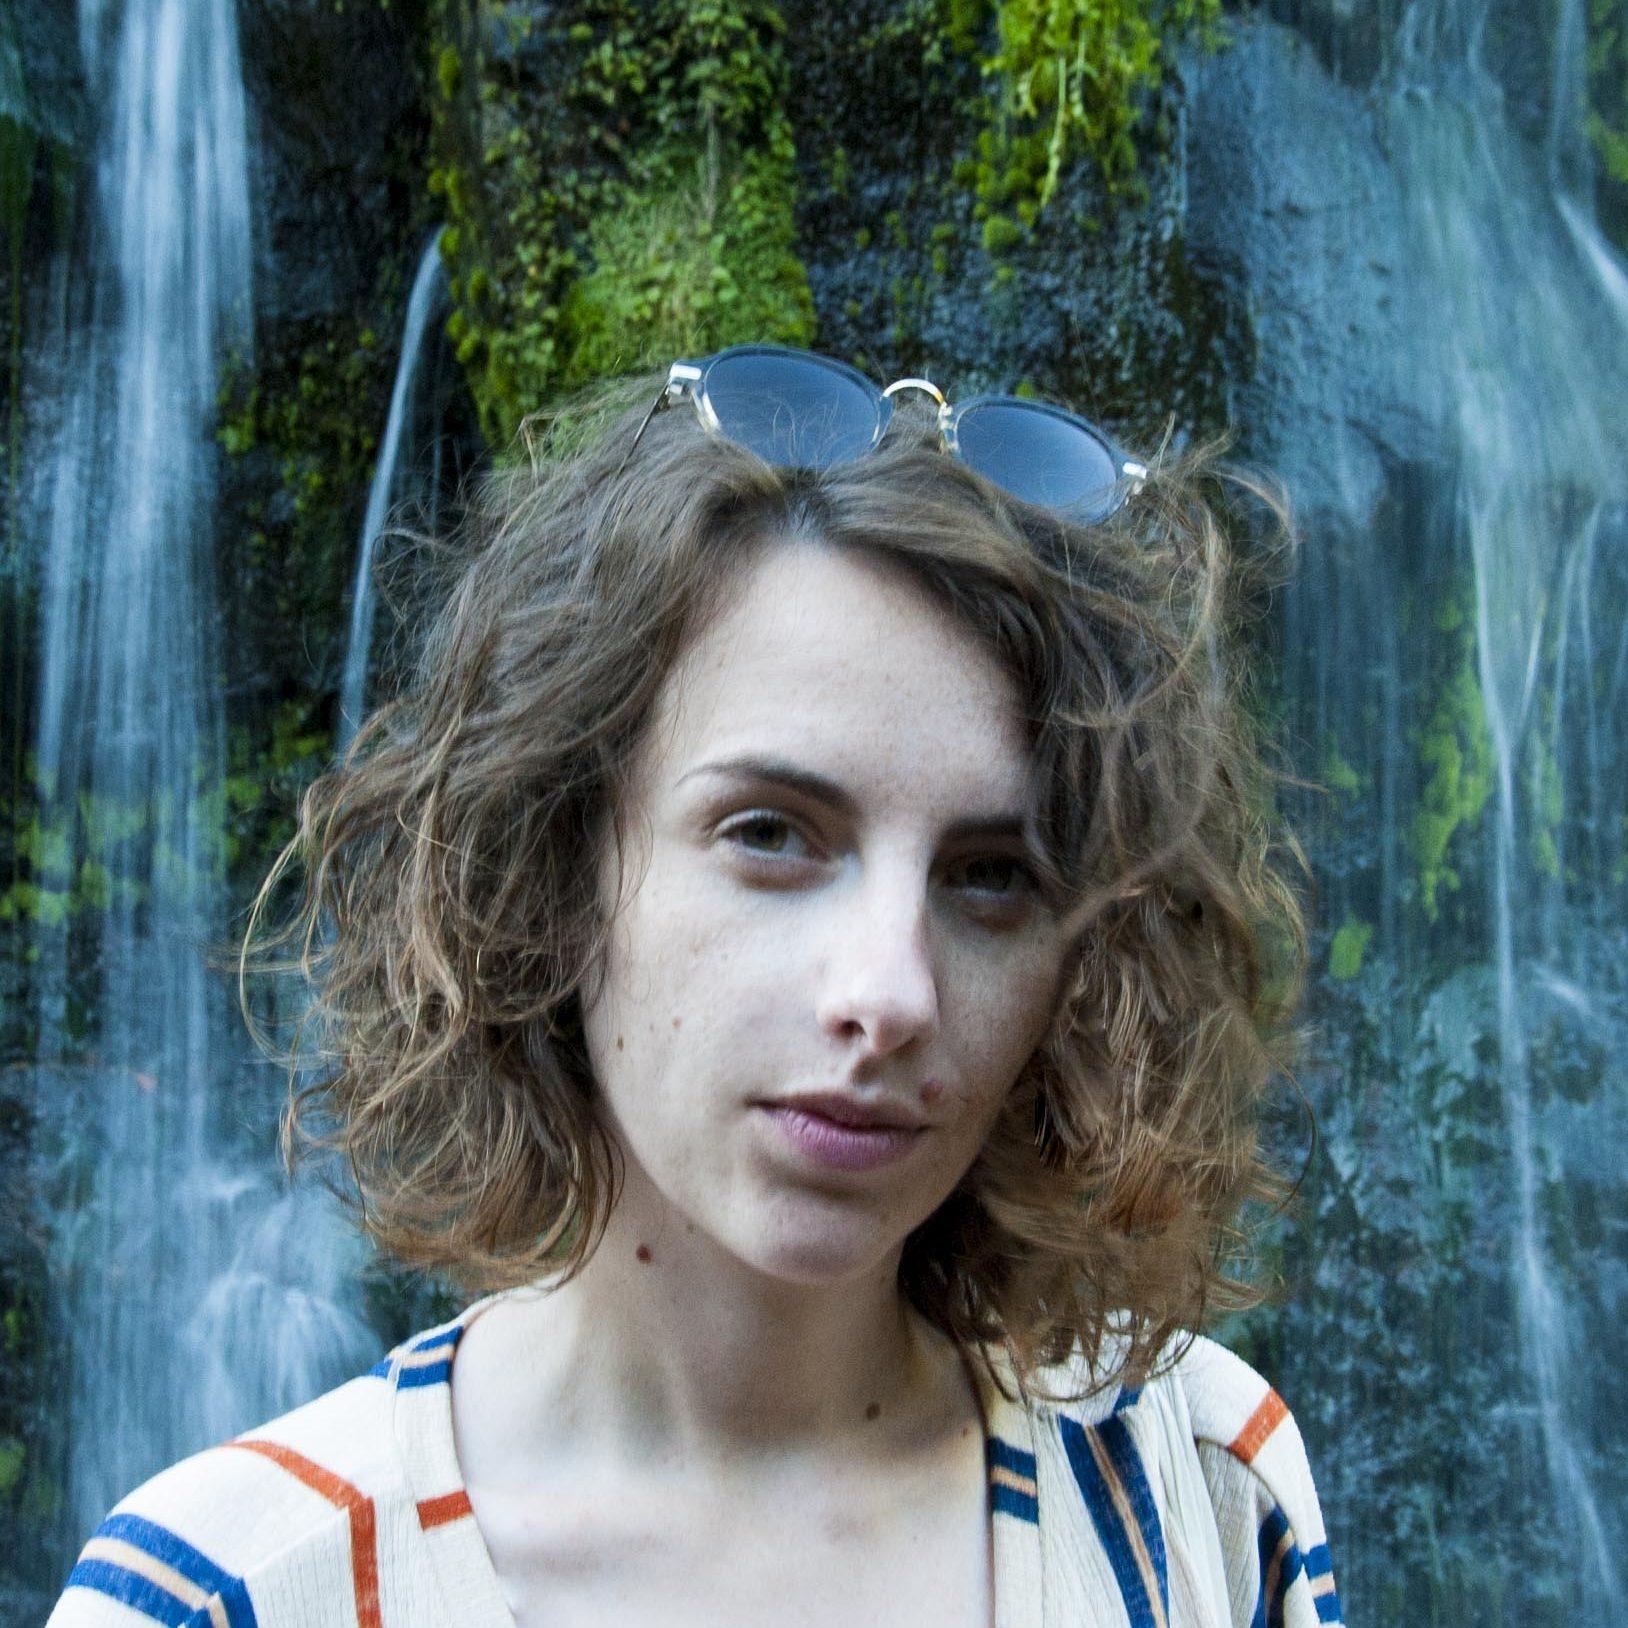 Silva Janine